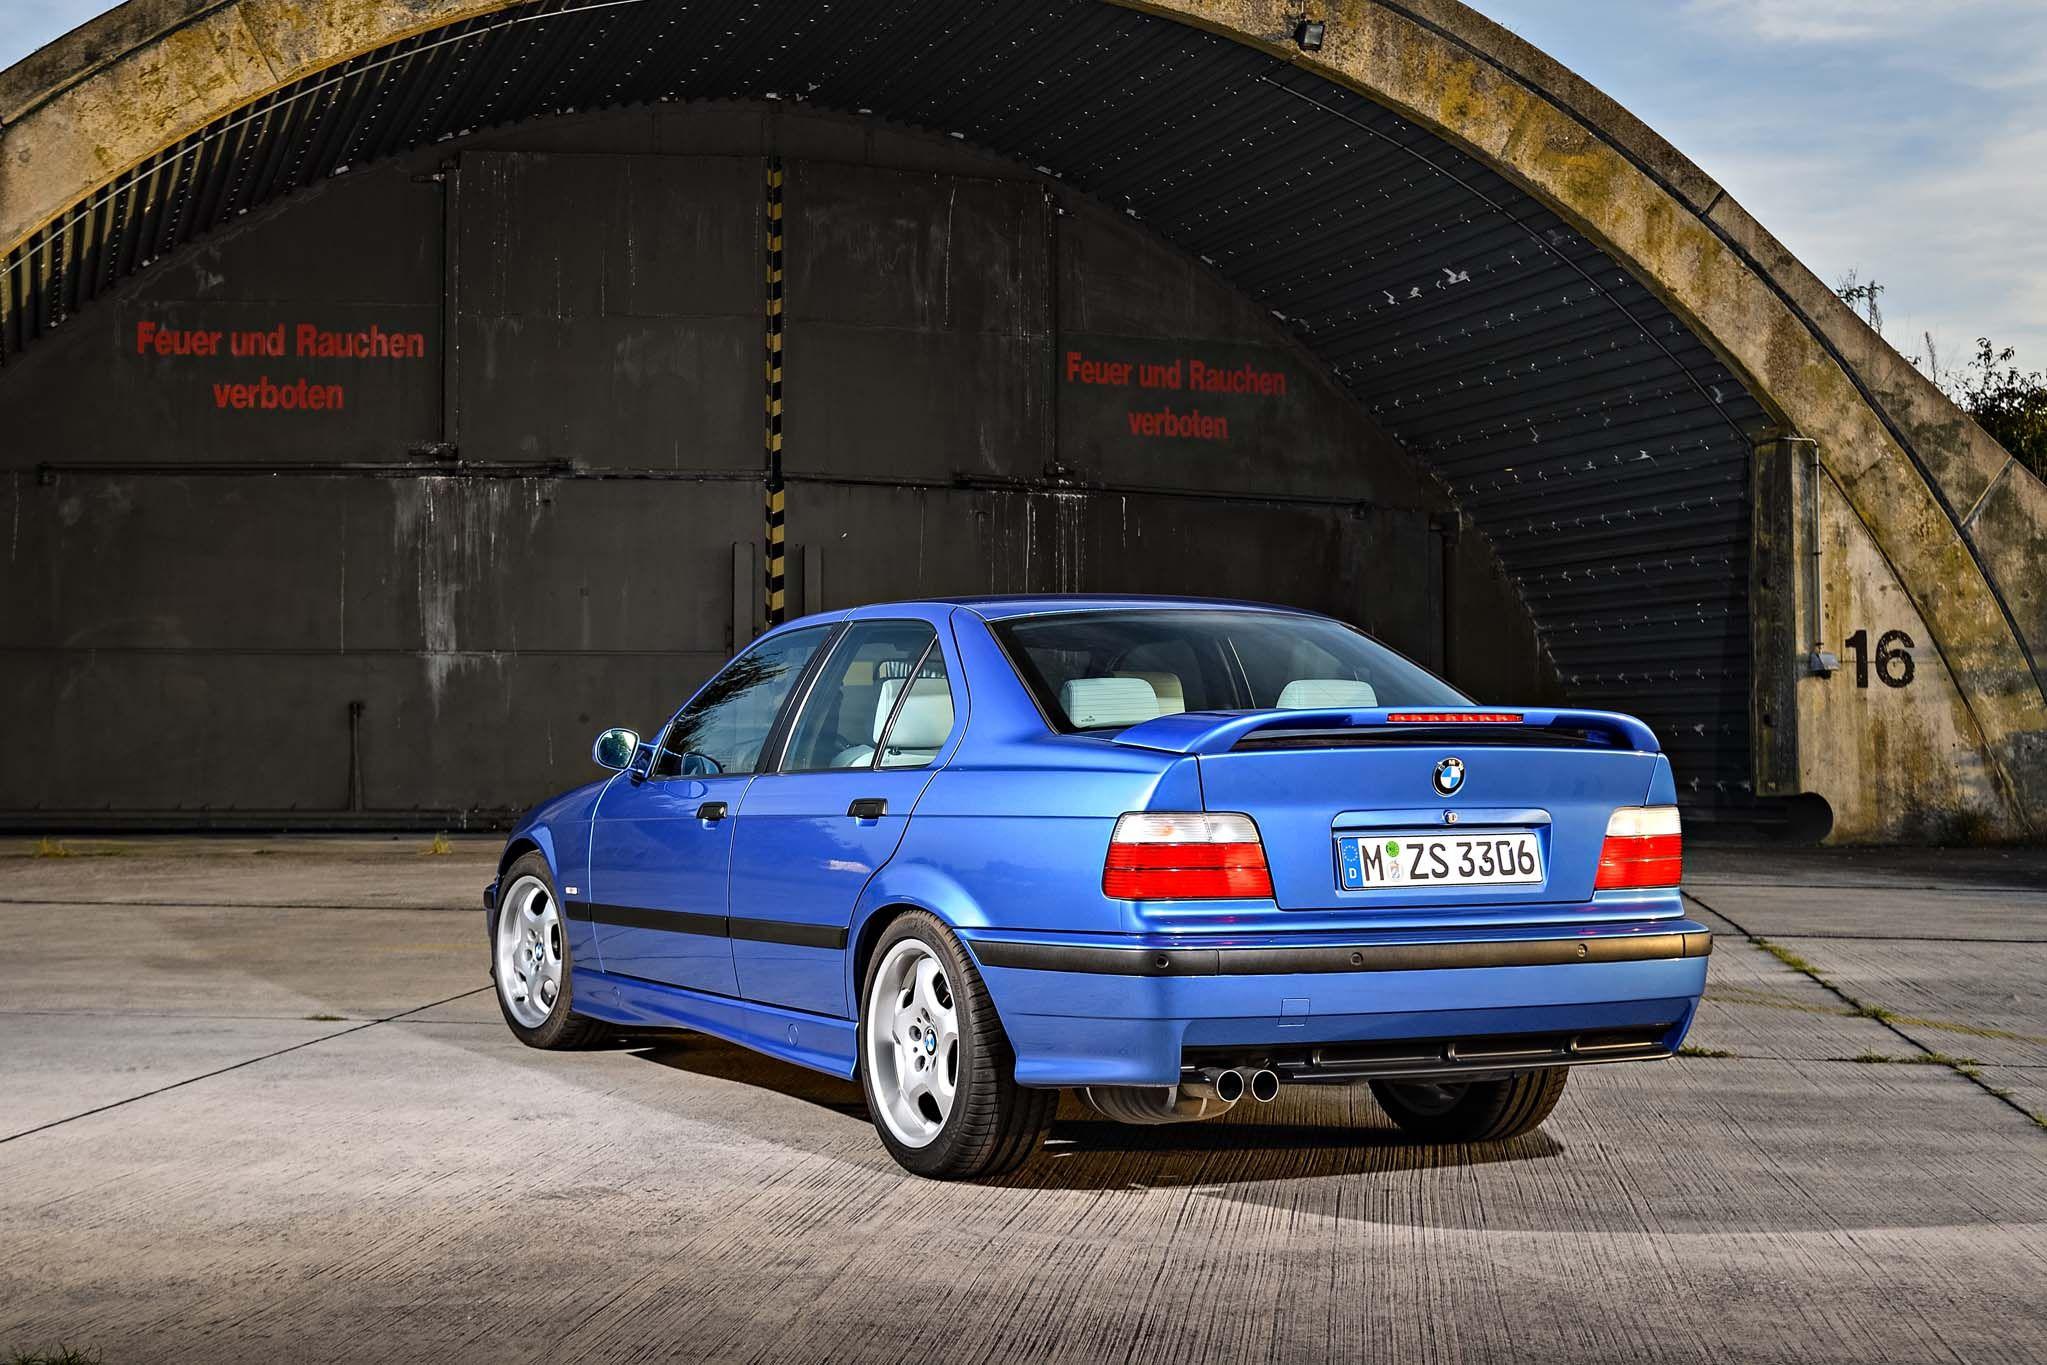 BMW E36 M3 Sedan MPower Badass Burn Provocative Eyes y